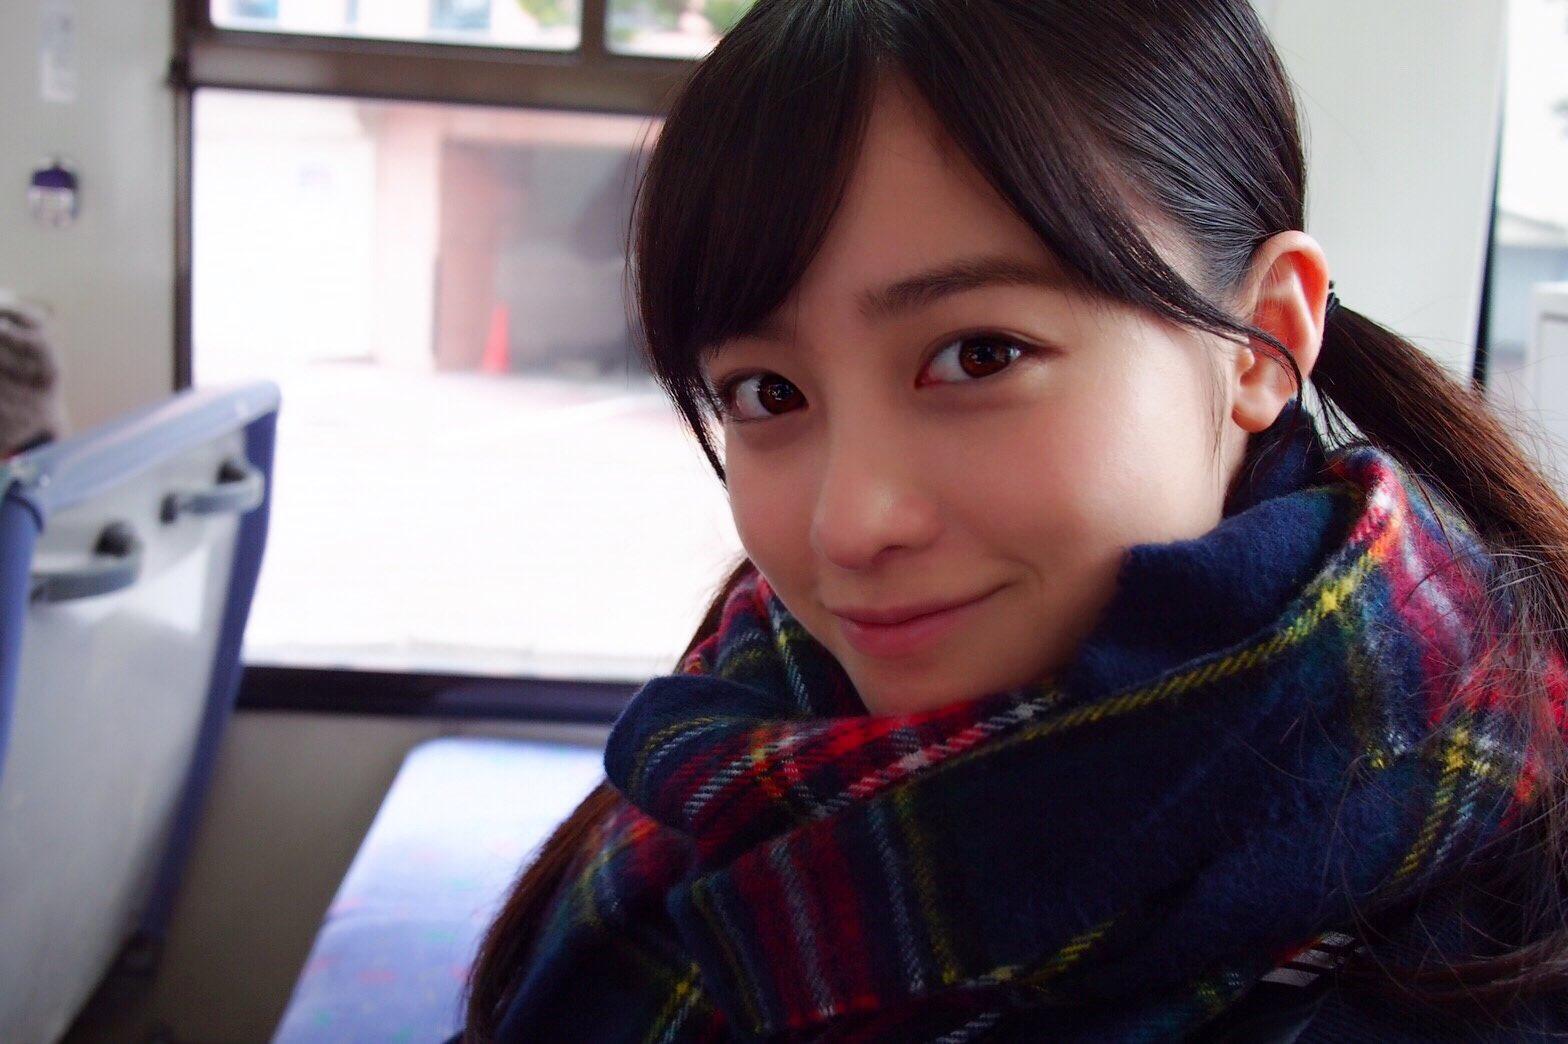 【話題まとめ】橋本環奈ちゃんの「彼女とデートなう。に使っていいよ」がかわいすぎる